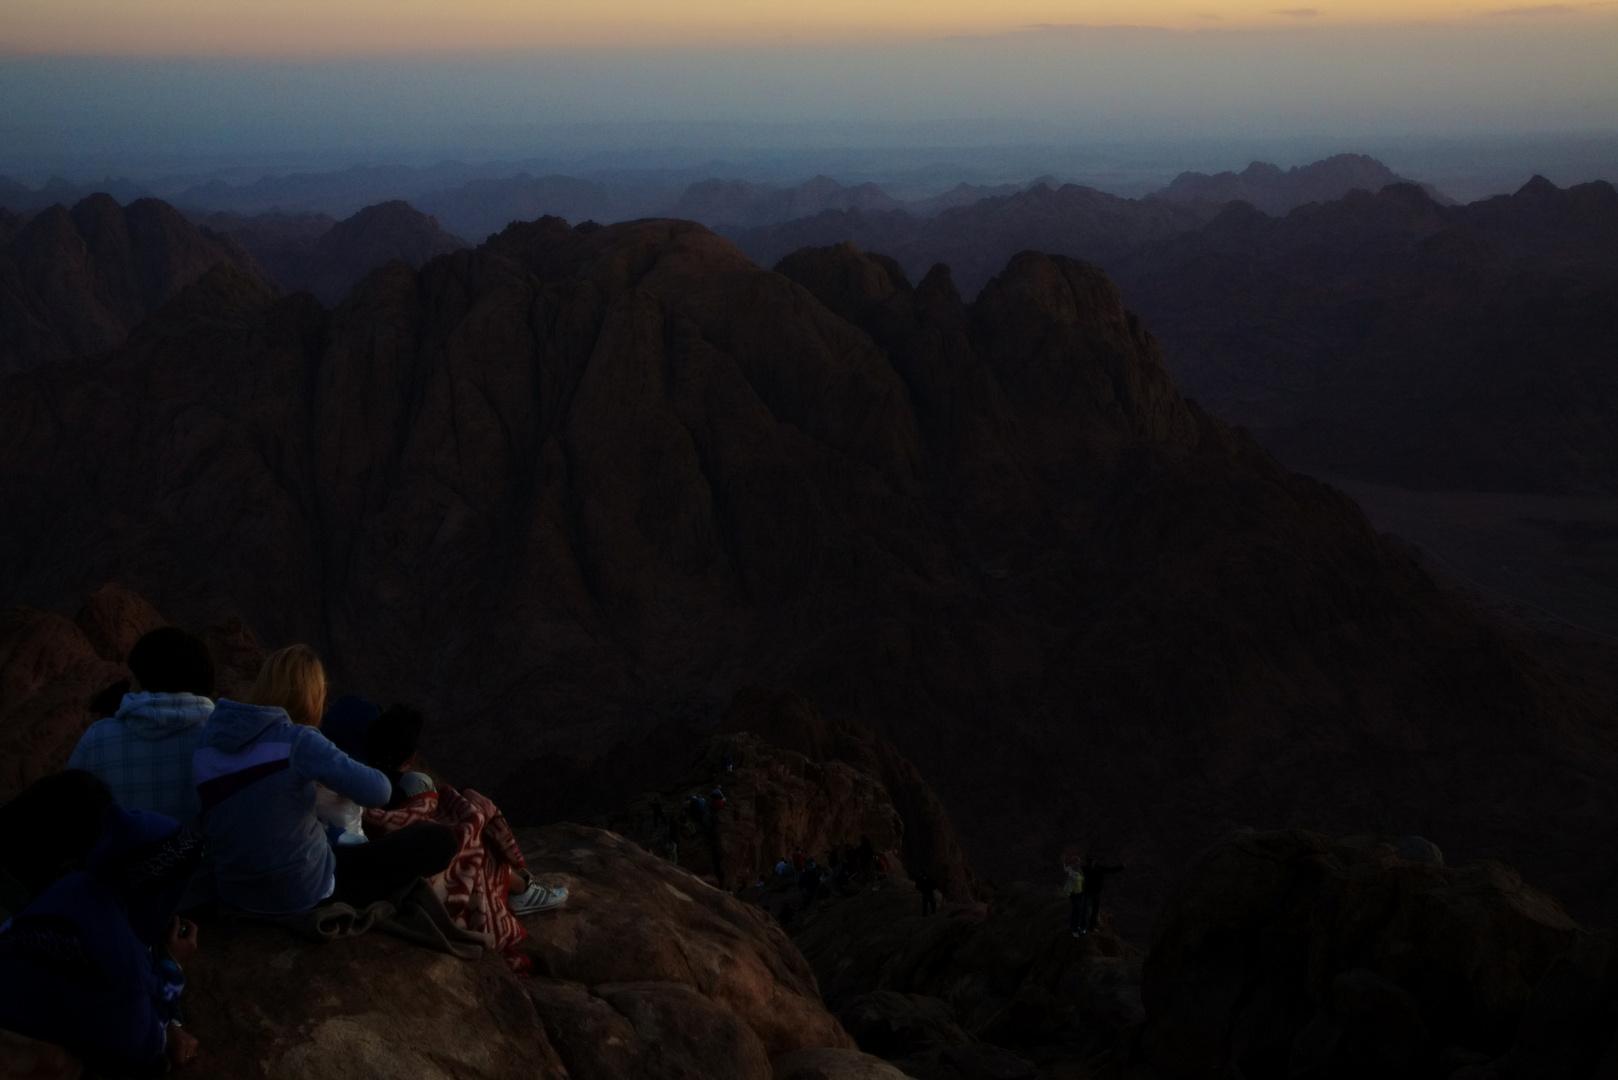 Warten auf den Sonnenaufgang auf dem Gipfel des Mosesberg, Sinai, Ägypten